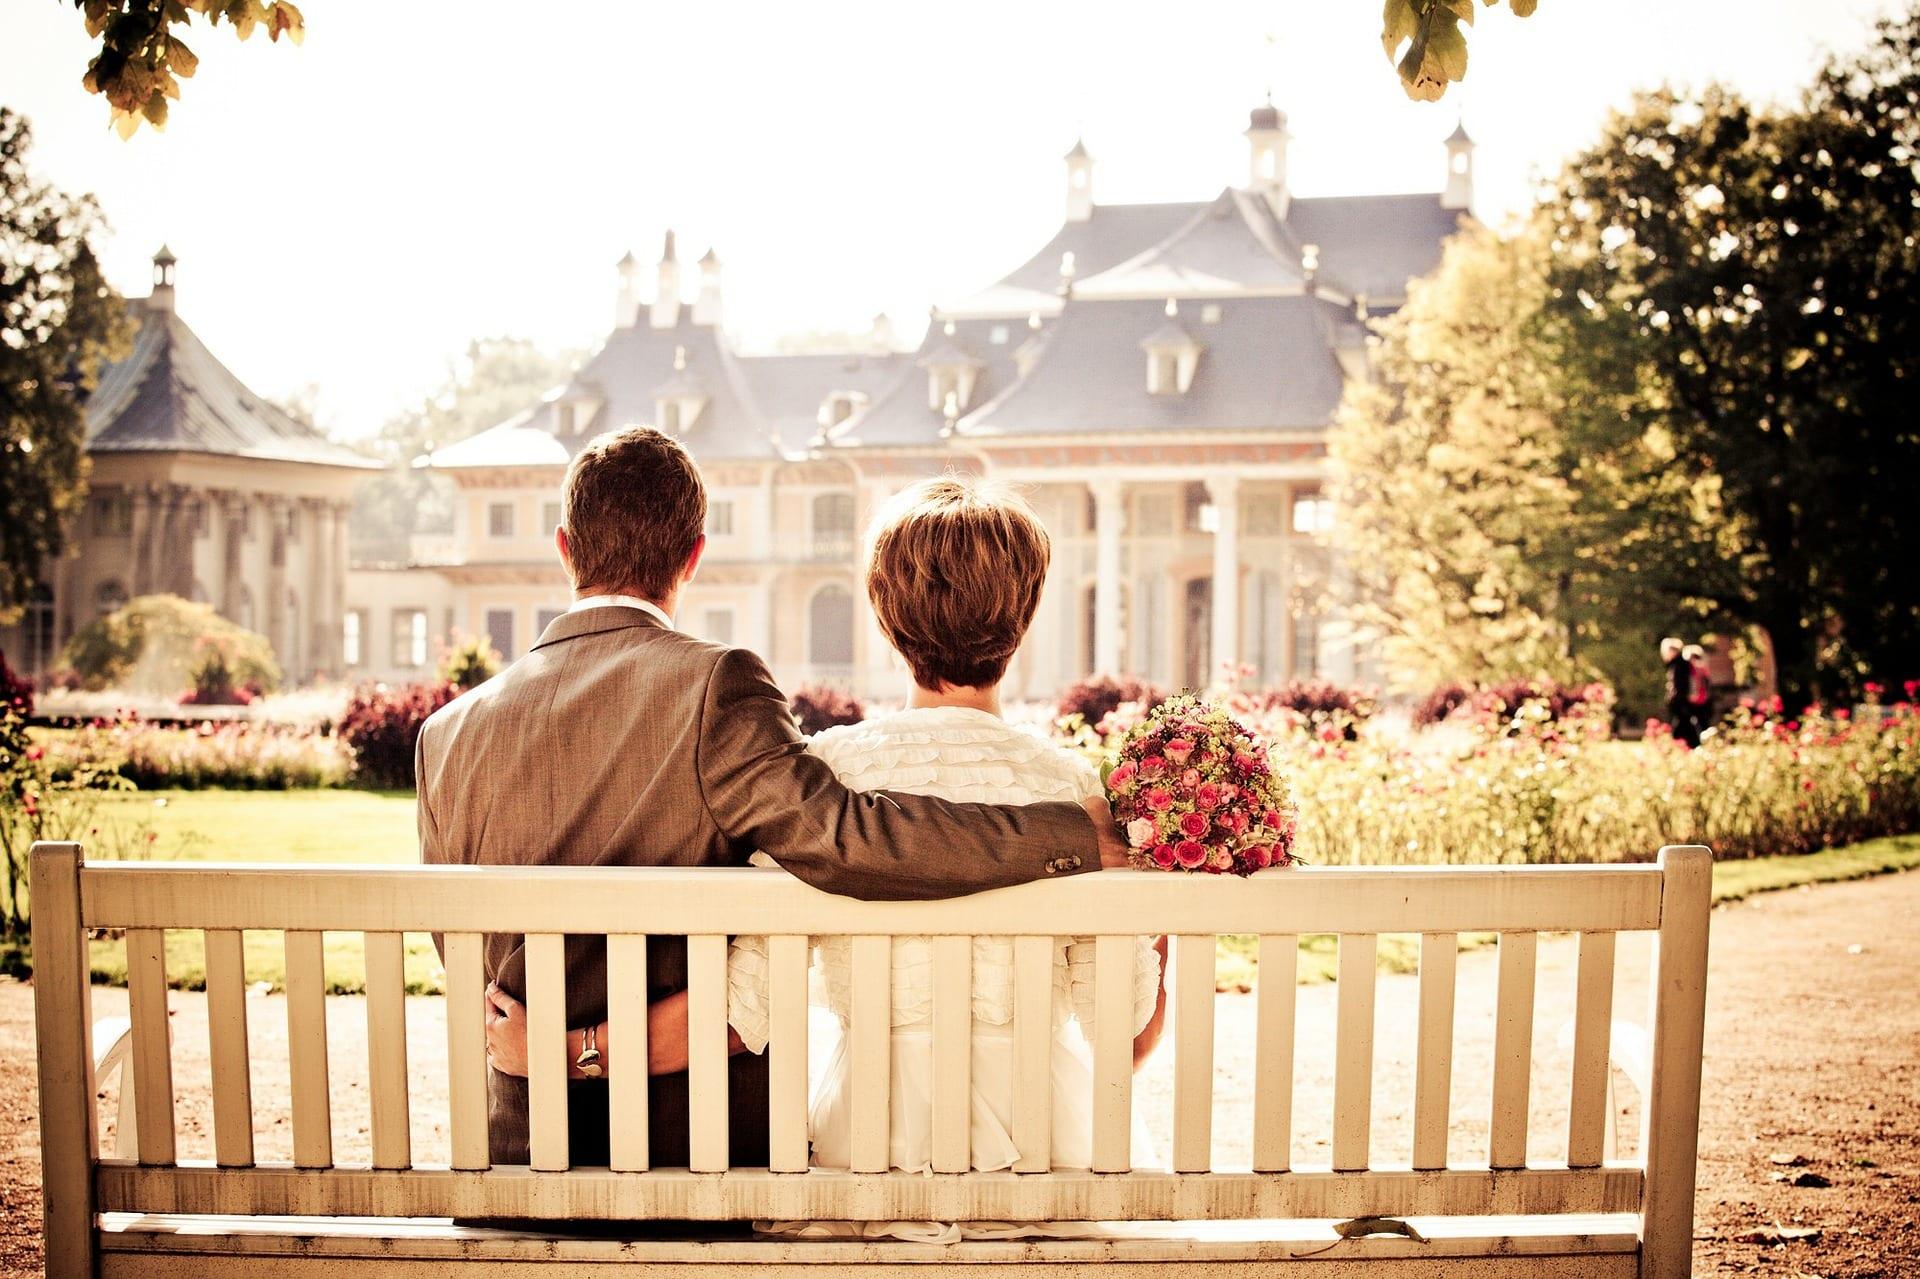 couple 260899 1920 - Trouwen in Drenthe